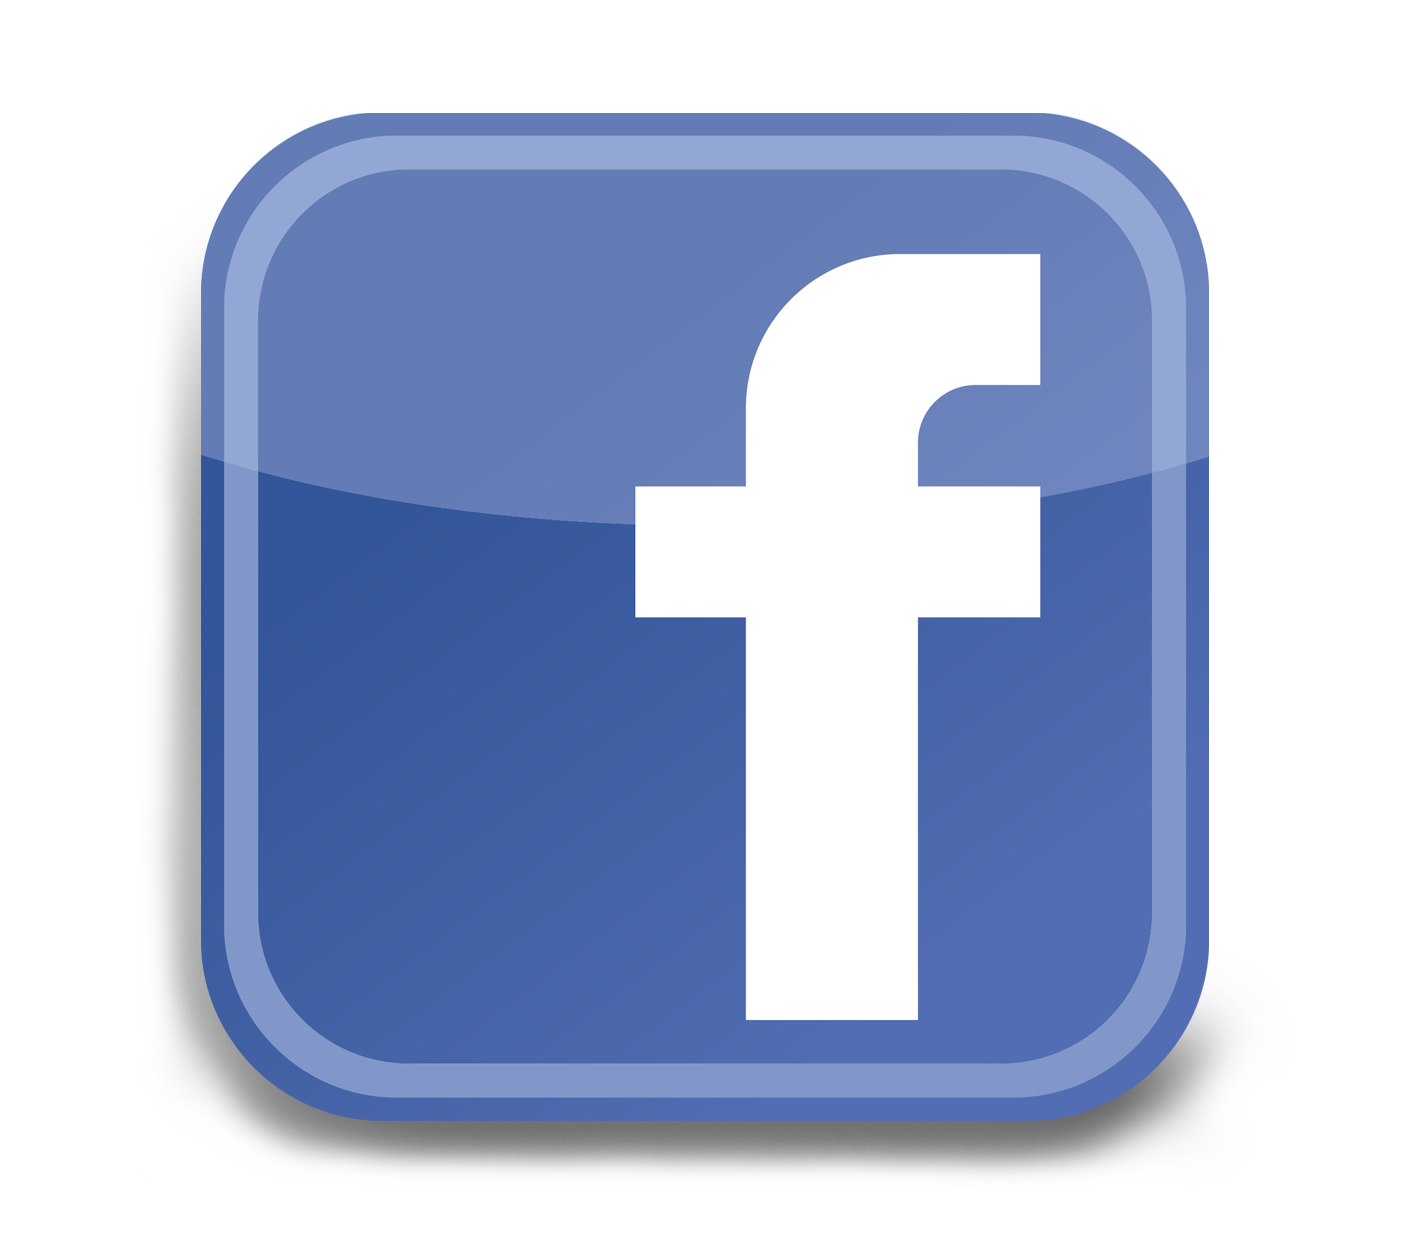 1403x1258 Logo Facebook Vector Png